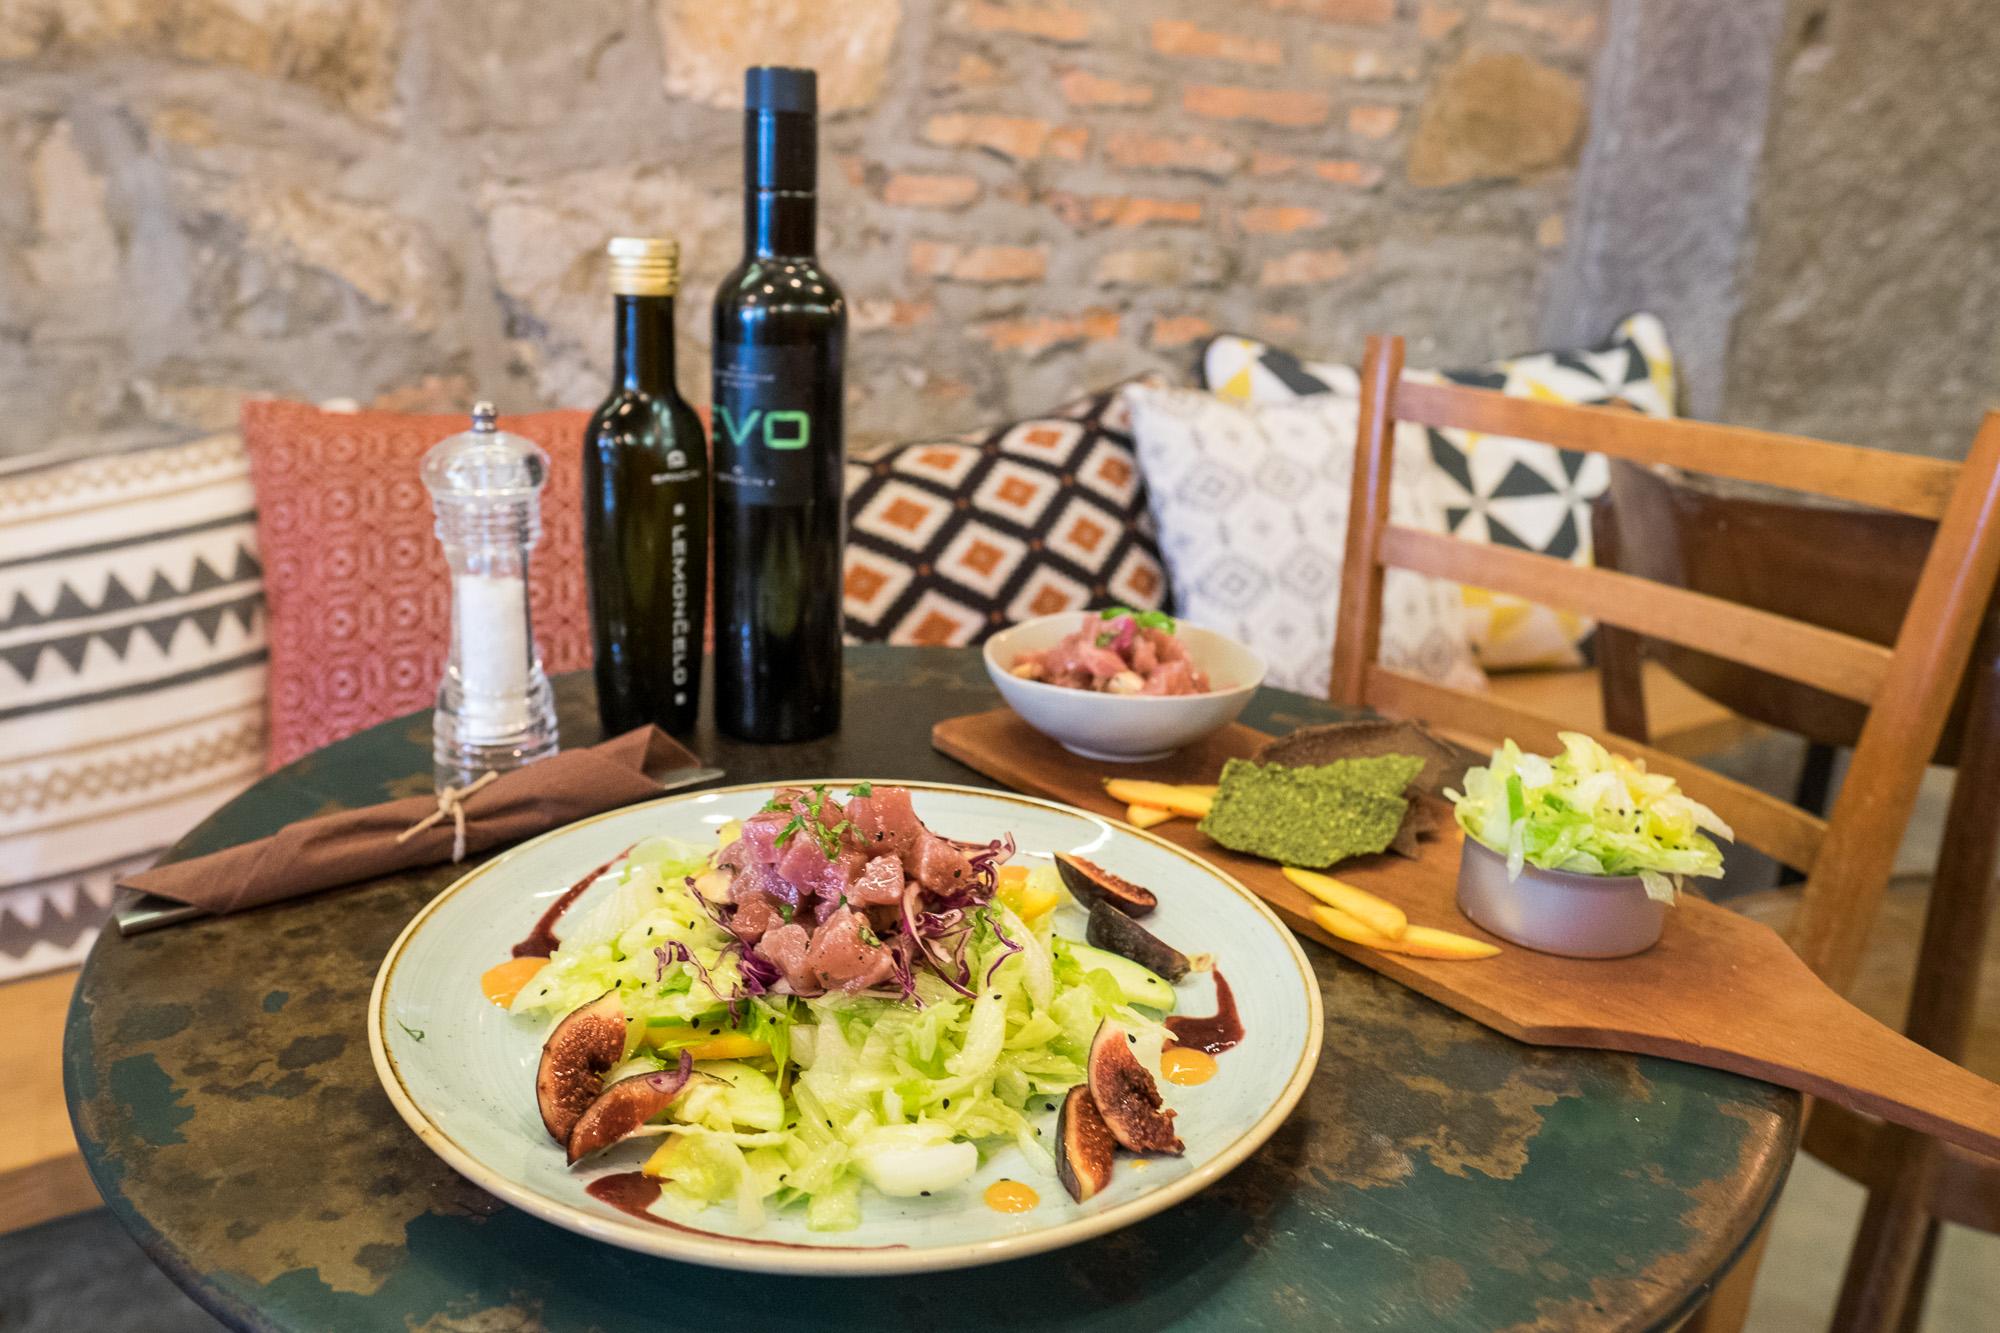 - Tartara di tonno pinna gialla con funghi champignon e crostini di porcini e basilico -Insalata di tonno con insalata Iceberg e frutta fresca